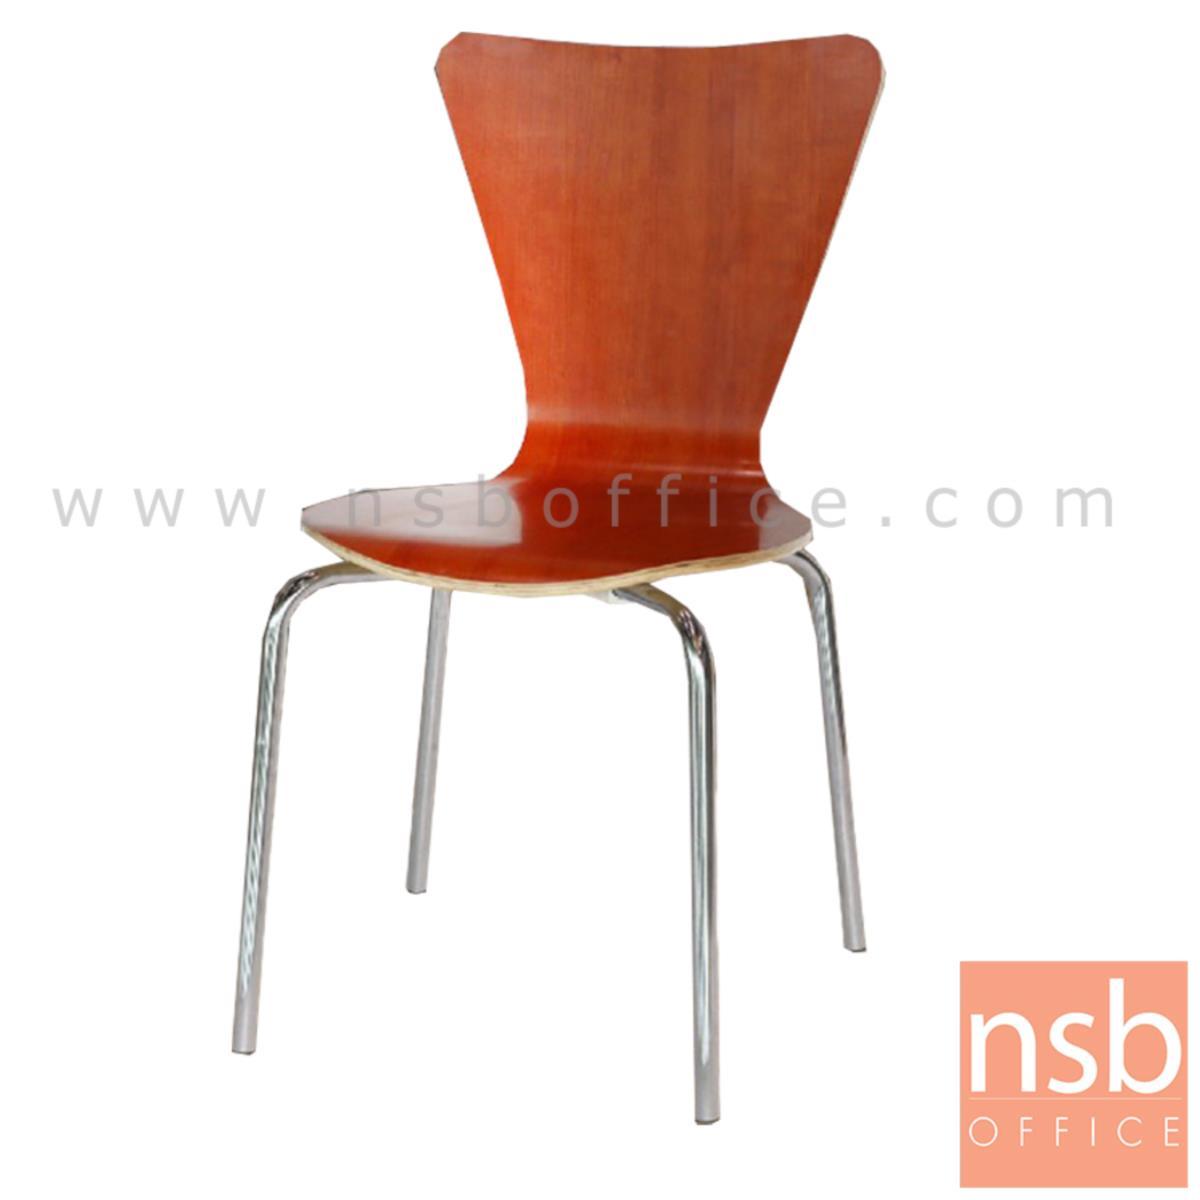 B20A006:เก้าอี้อเนกประสงค์ไม้วีเนียร์ดัด รุ่น Bassett (บาสเซตต์)  ขาเหล็กชุบโครเมี่ยม